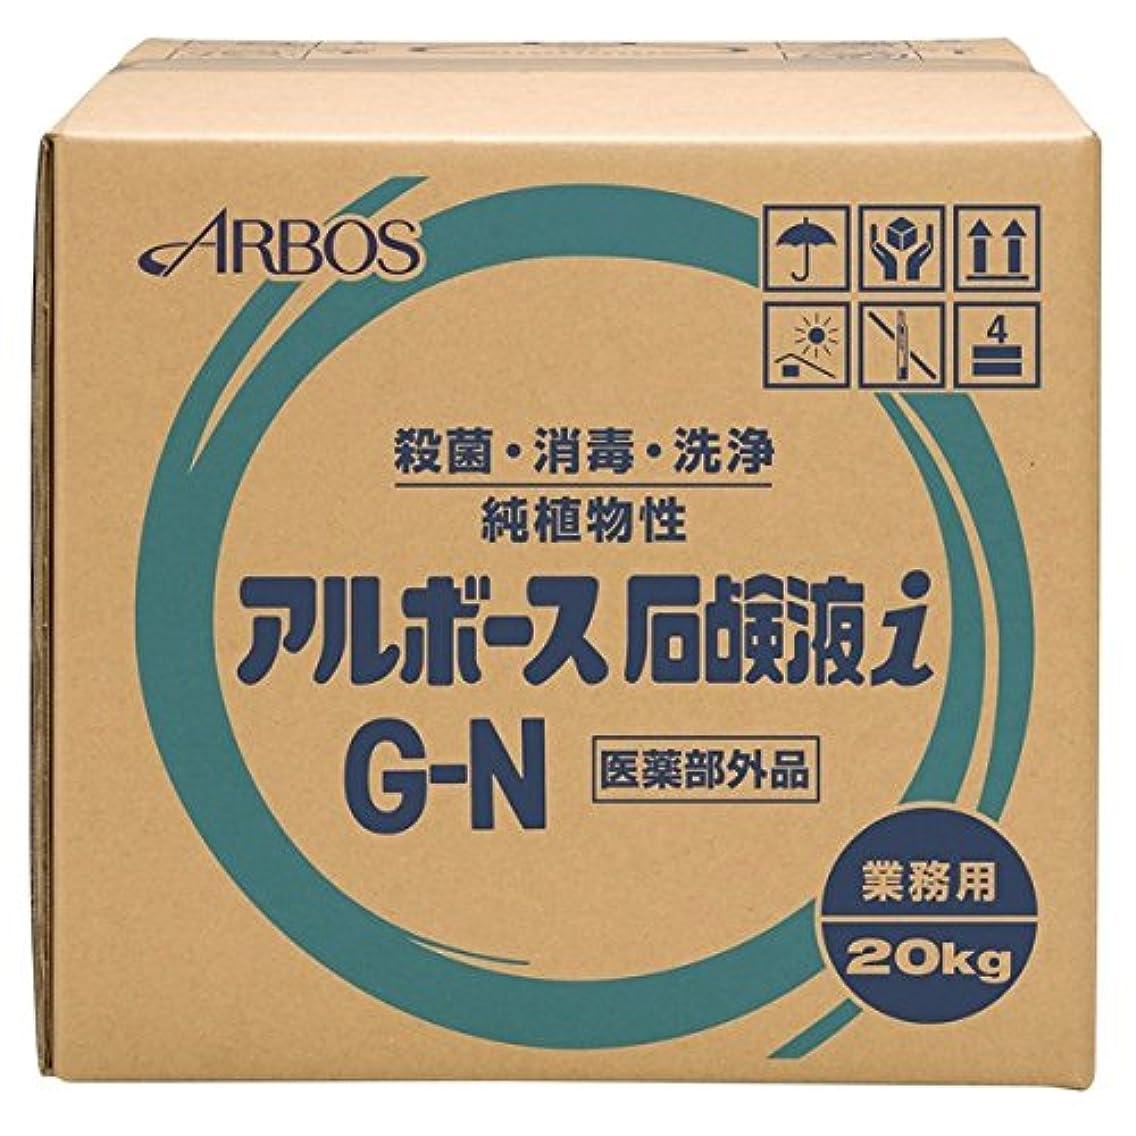 操るパラナ川追放するアルボース 薬用ハンドソープ アルボース石鹸液i G-N 濃縮タイプ 20kg